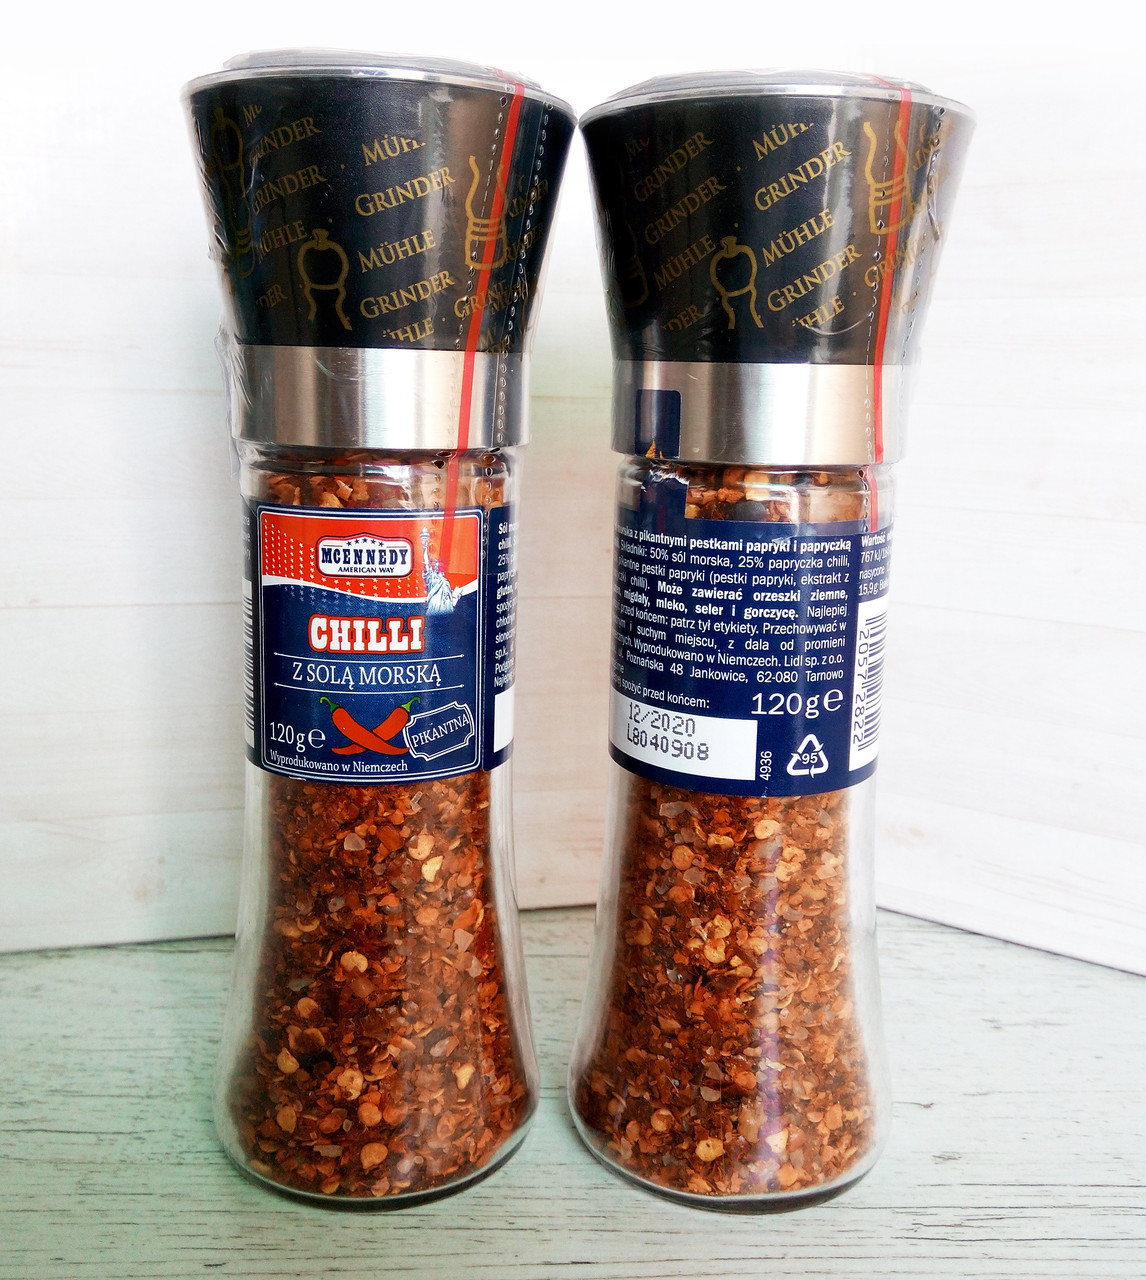 Микс перцев с солью Mcennedy American Way Chilli в многоразовой мельнице, 120 г.